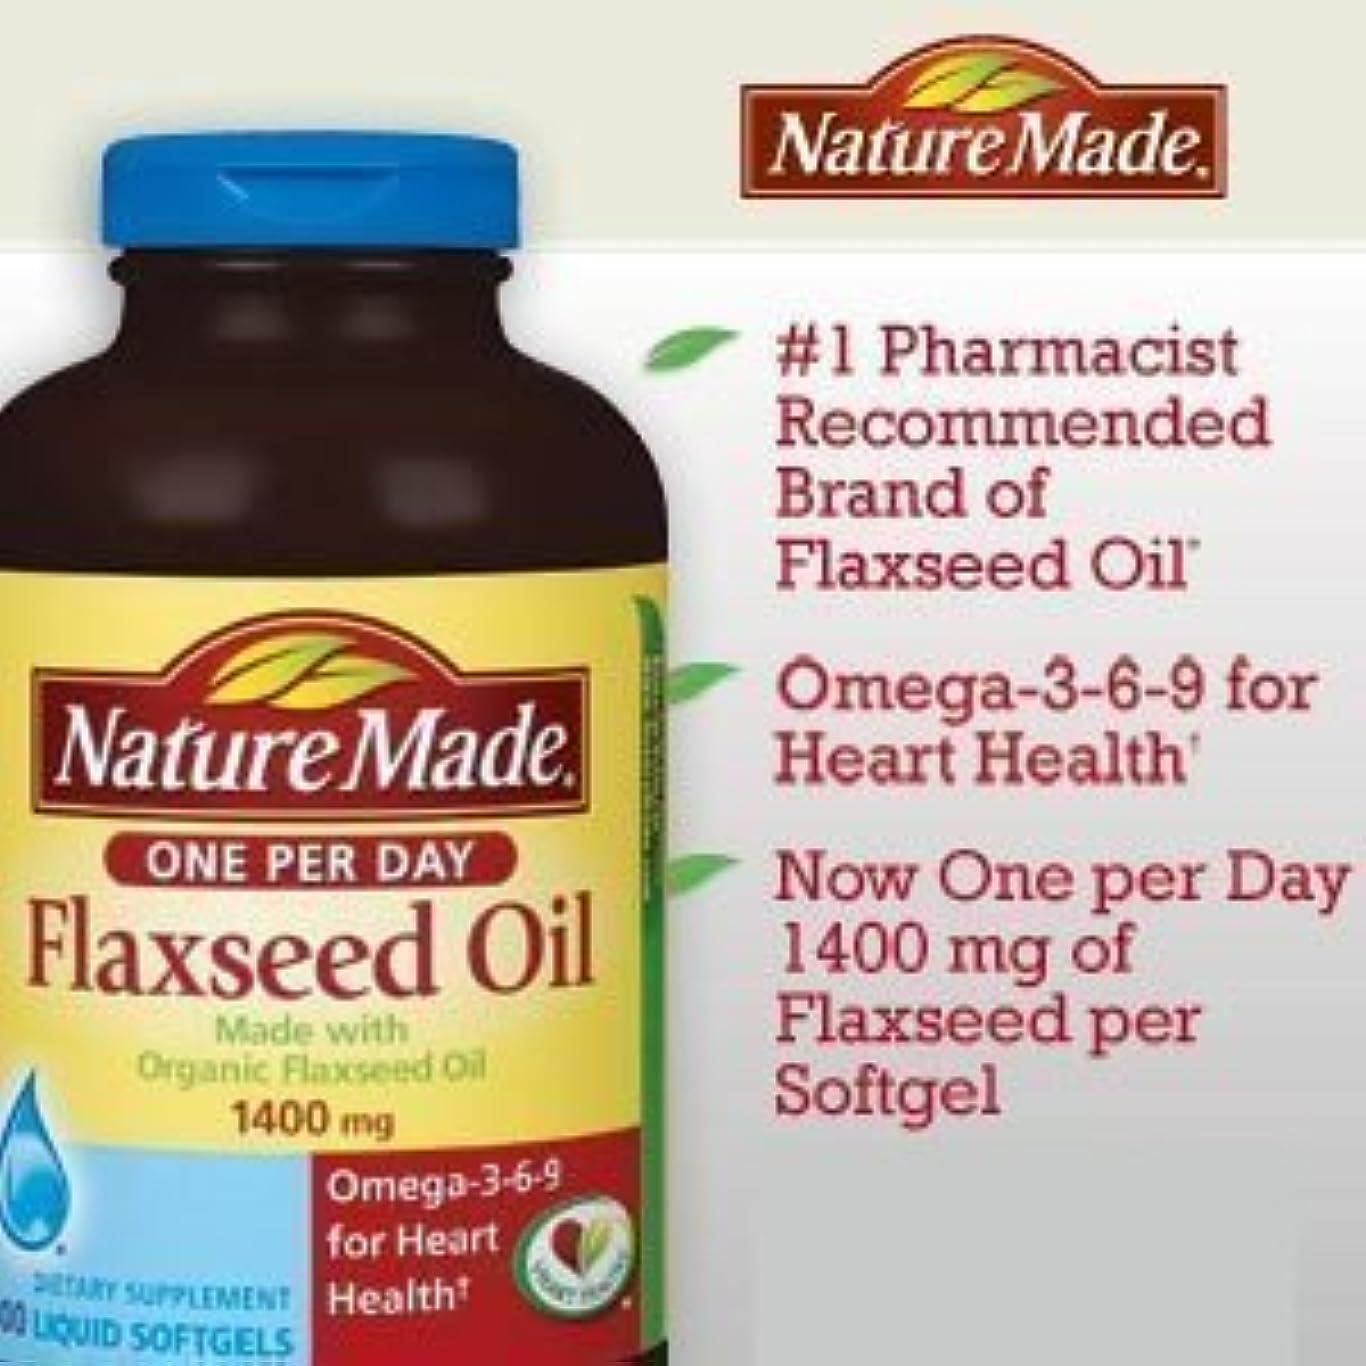 ナイトスポットミシン目クラックポットNature Made Organic Flaxseed Oil, Omega-3-6-9 for Heart Health, 1400 mg, Liquid Softgels - 300 Count by USA [並行輸入品]